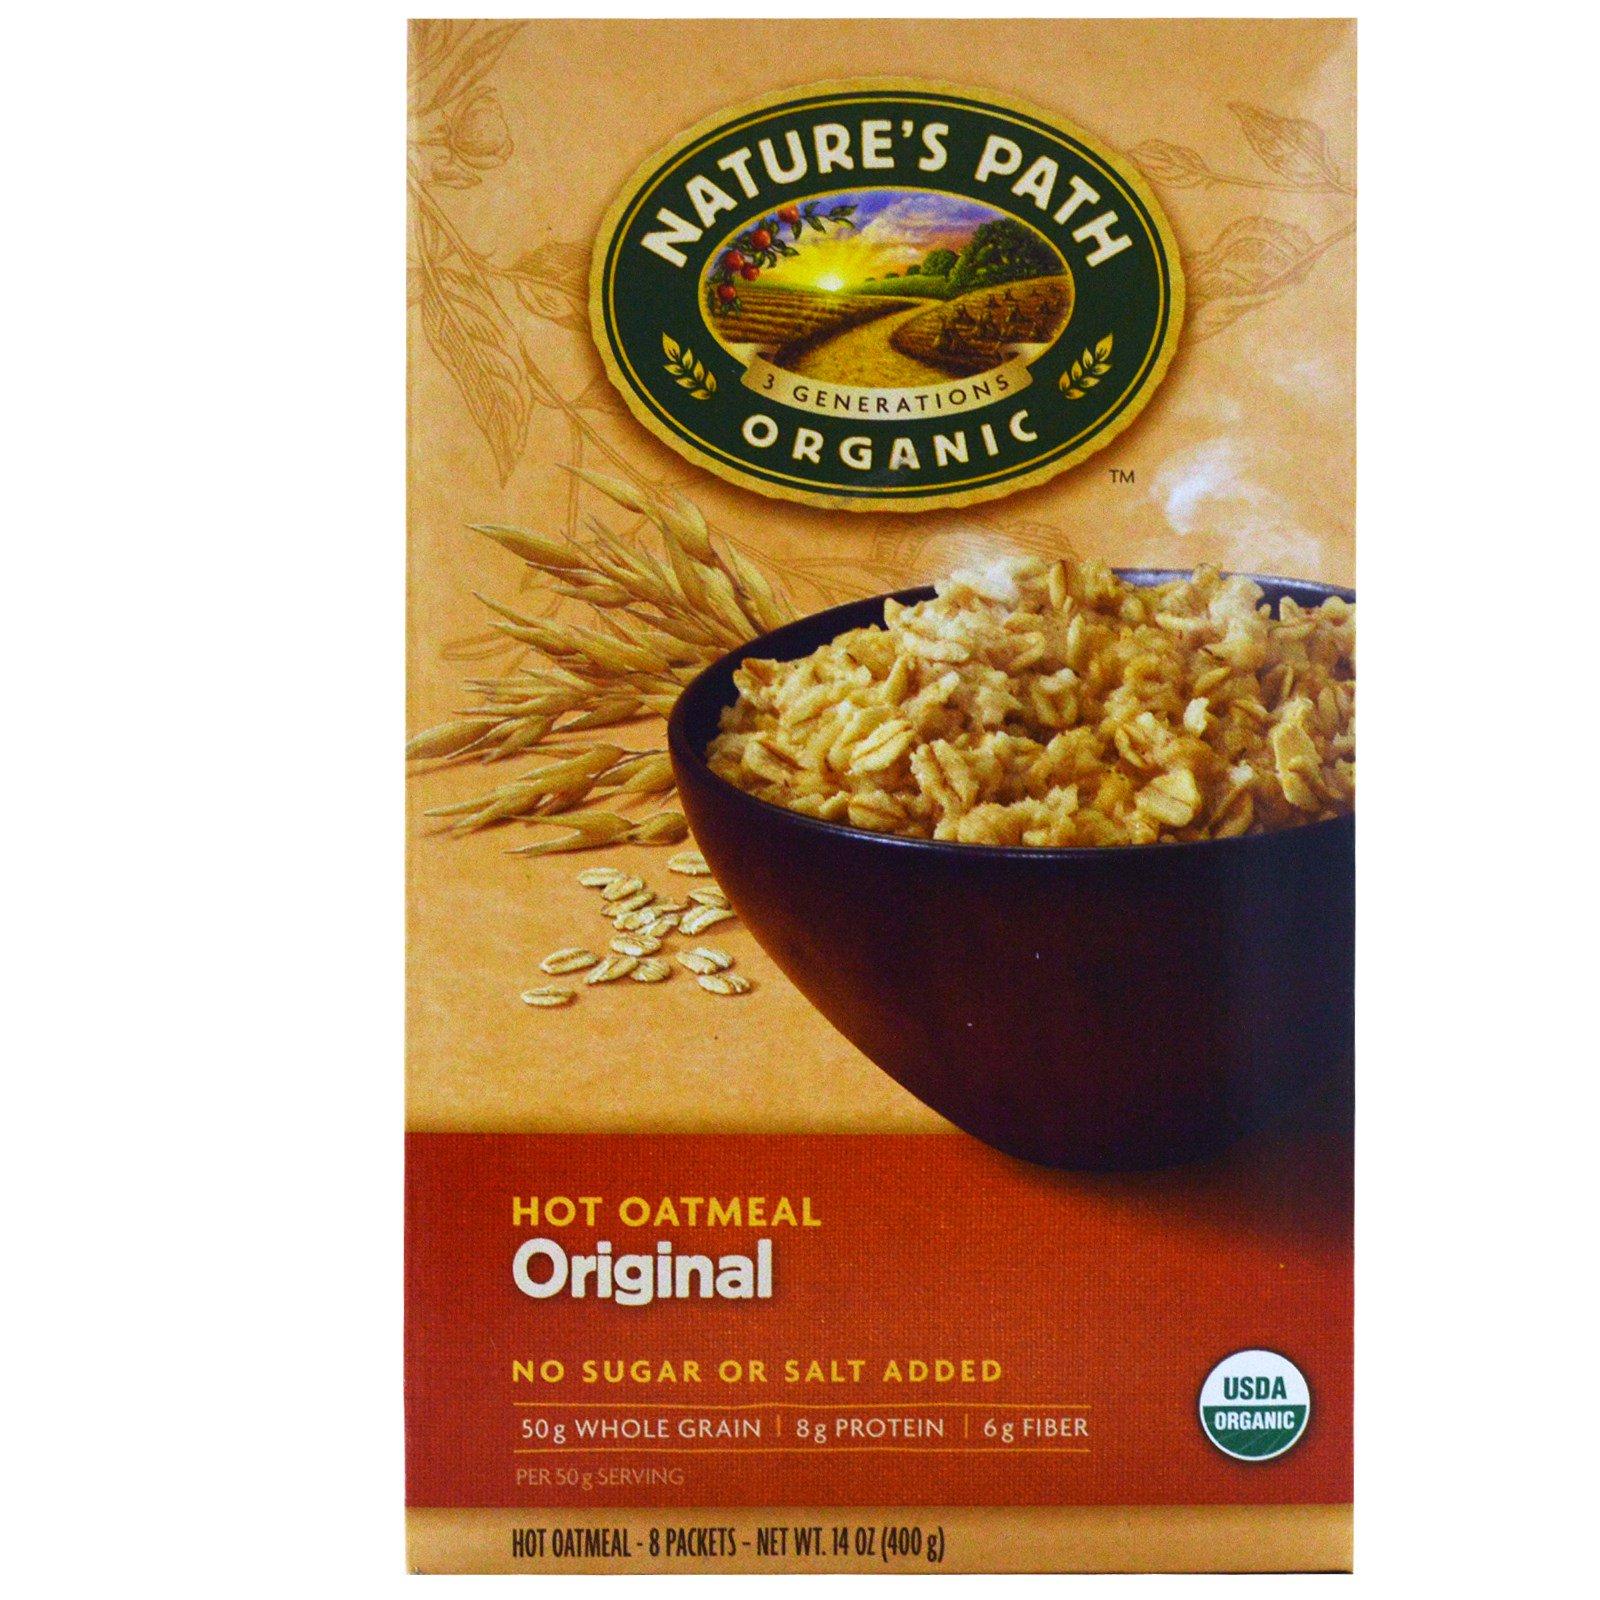 Nature's Path, Традиционная органическая горячая овсяная каша, 8 пакетиков, каждый по 50 г